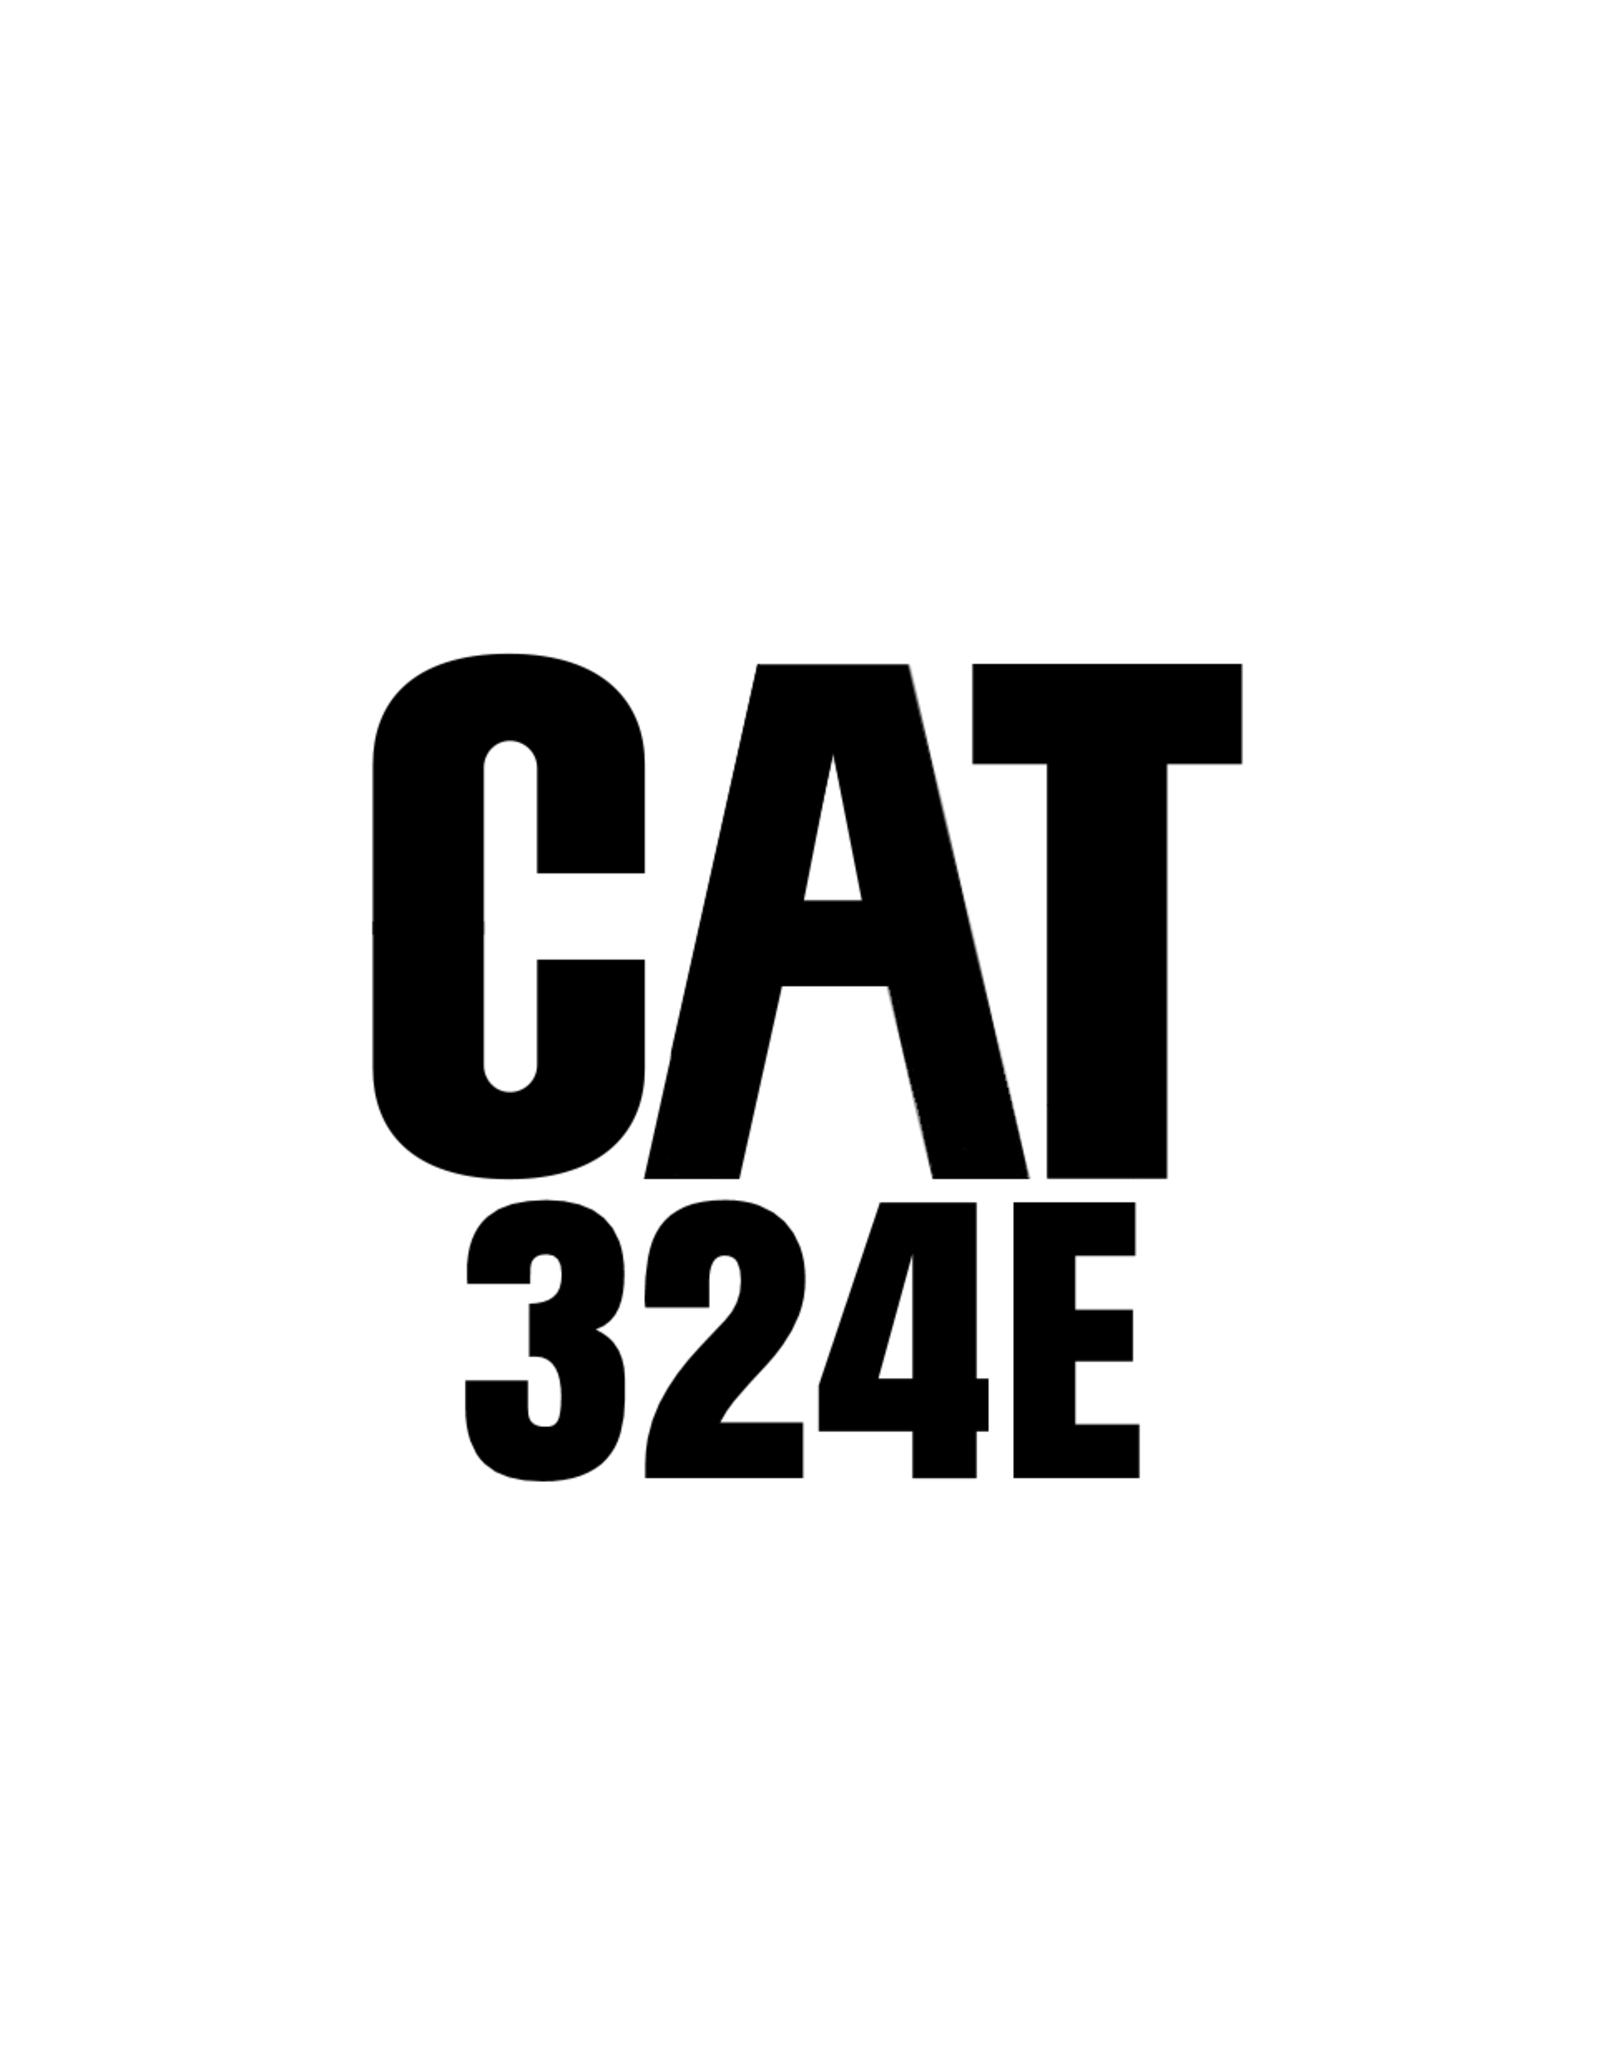 Echle Hartstahl GmbH FOPS pour CAT 324E